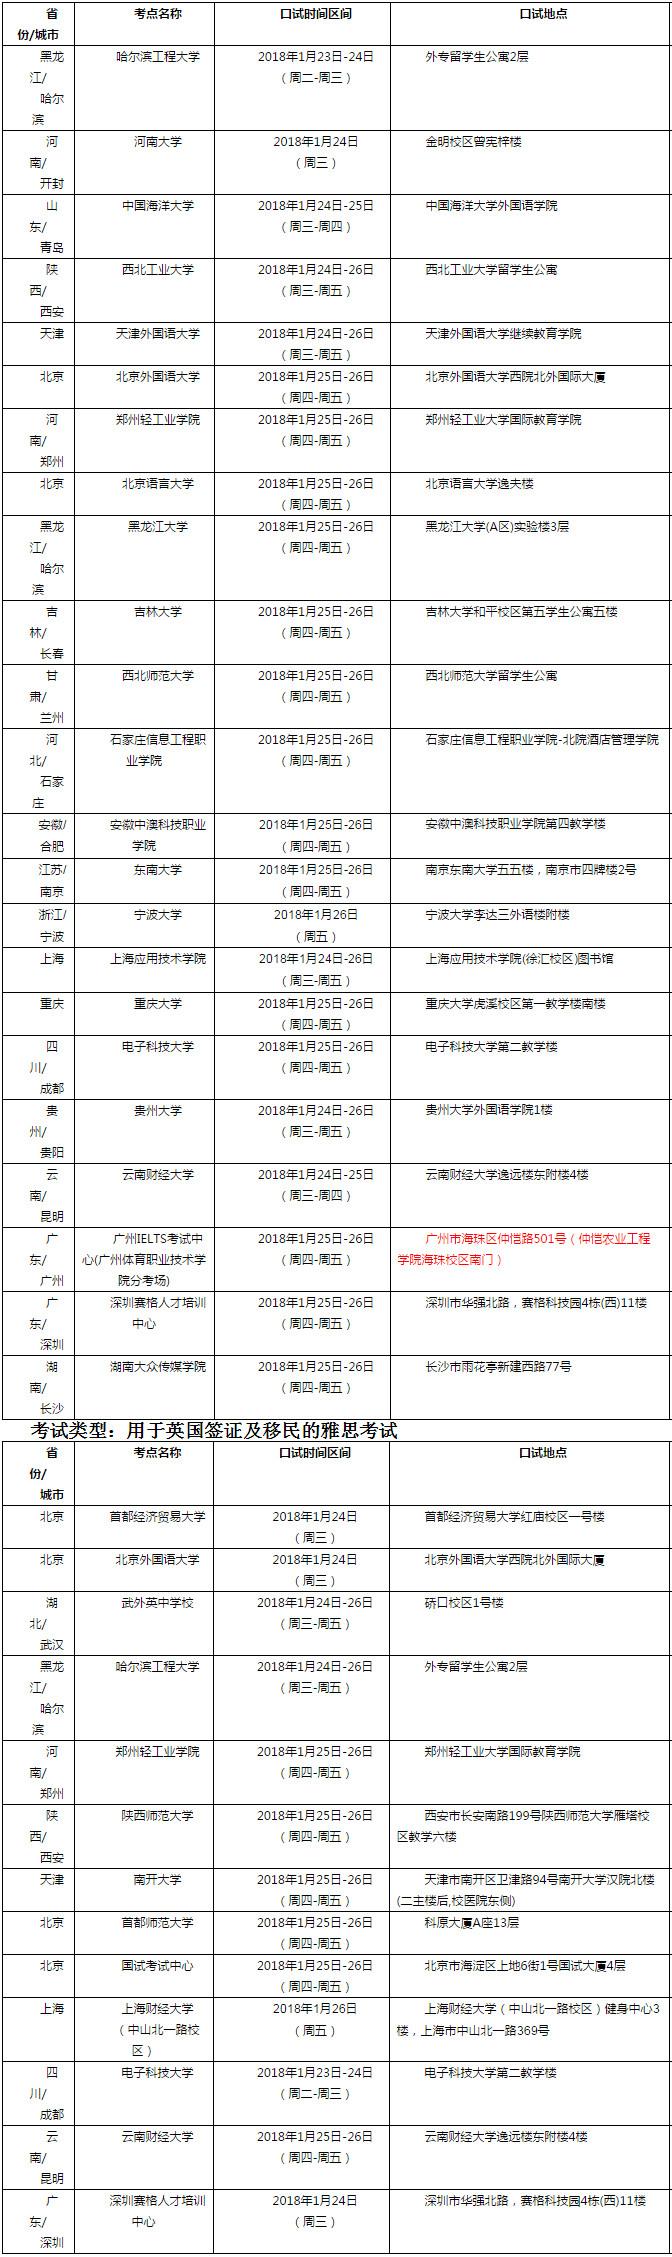 2018年2月1日雅思口语考试安排